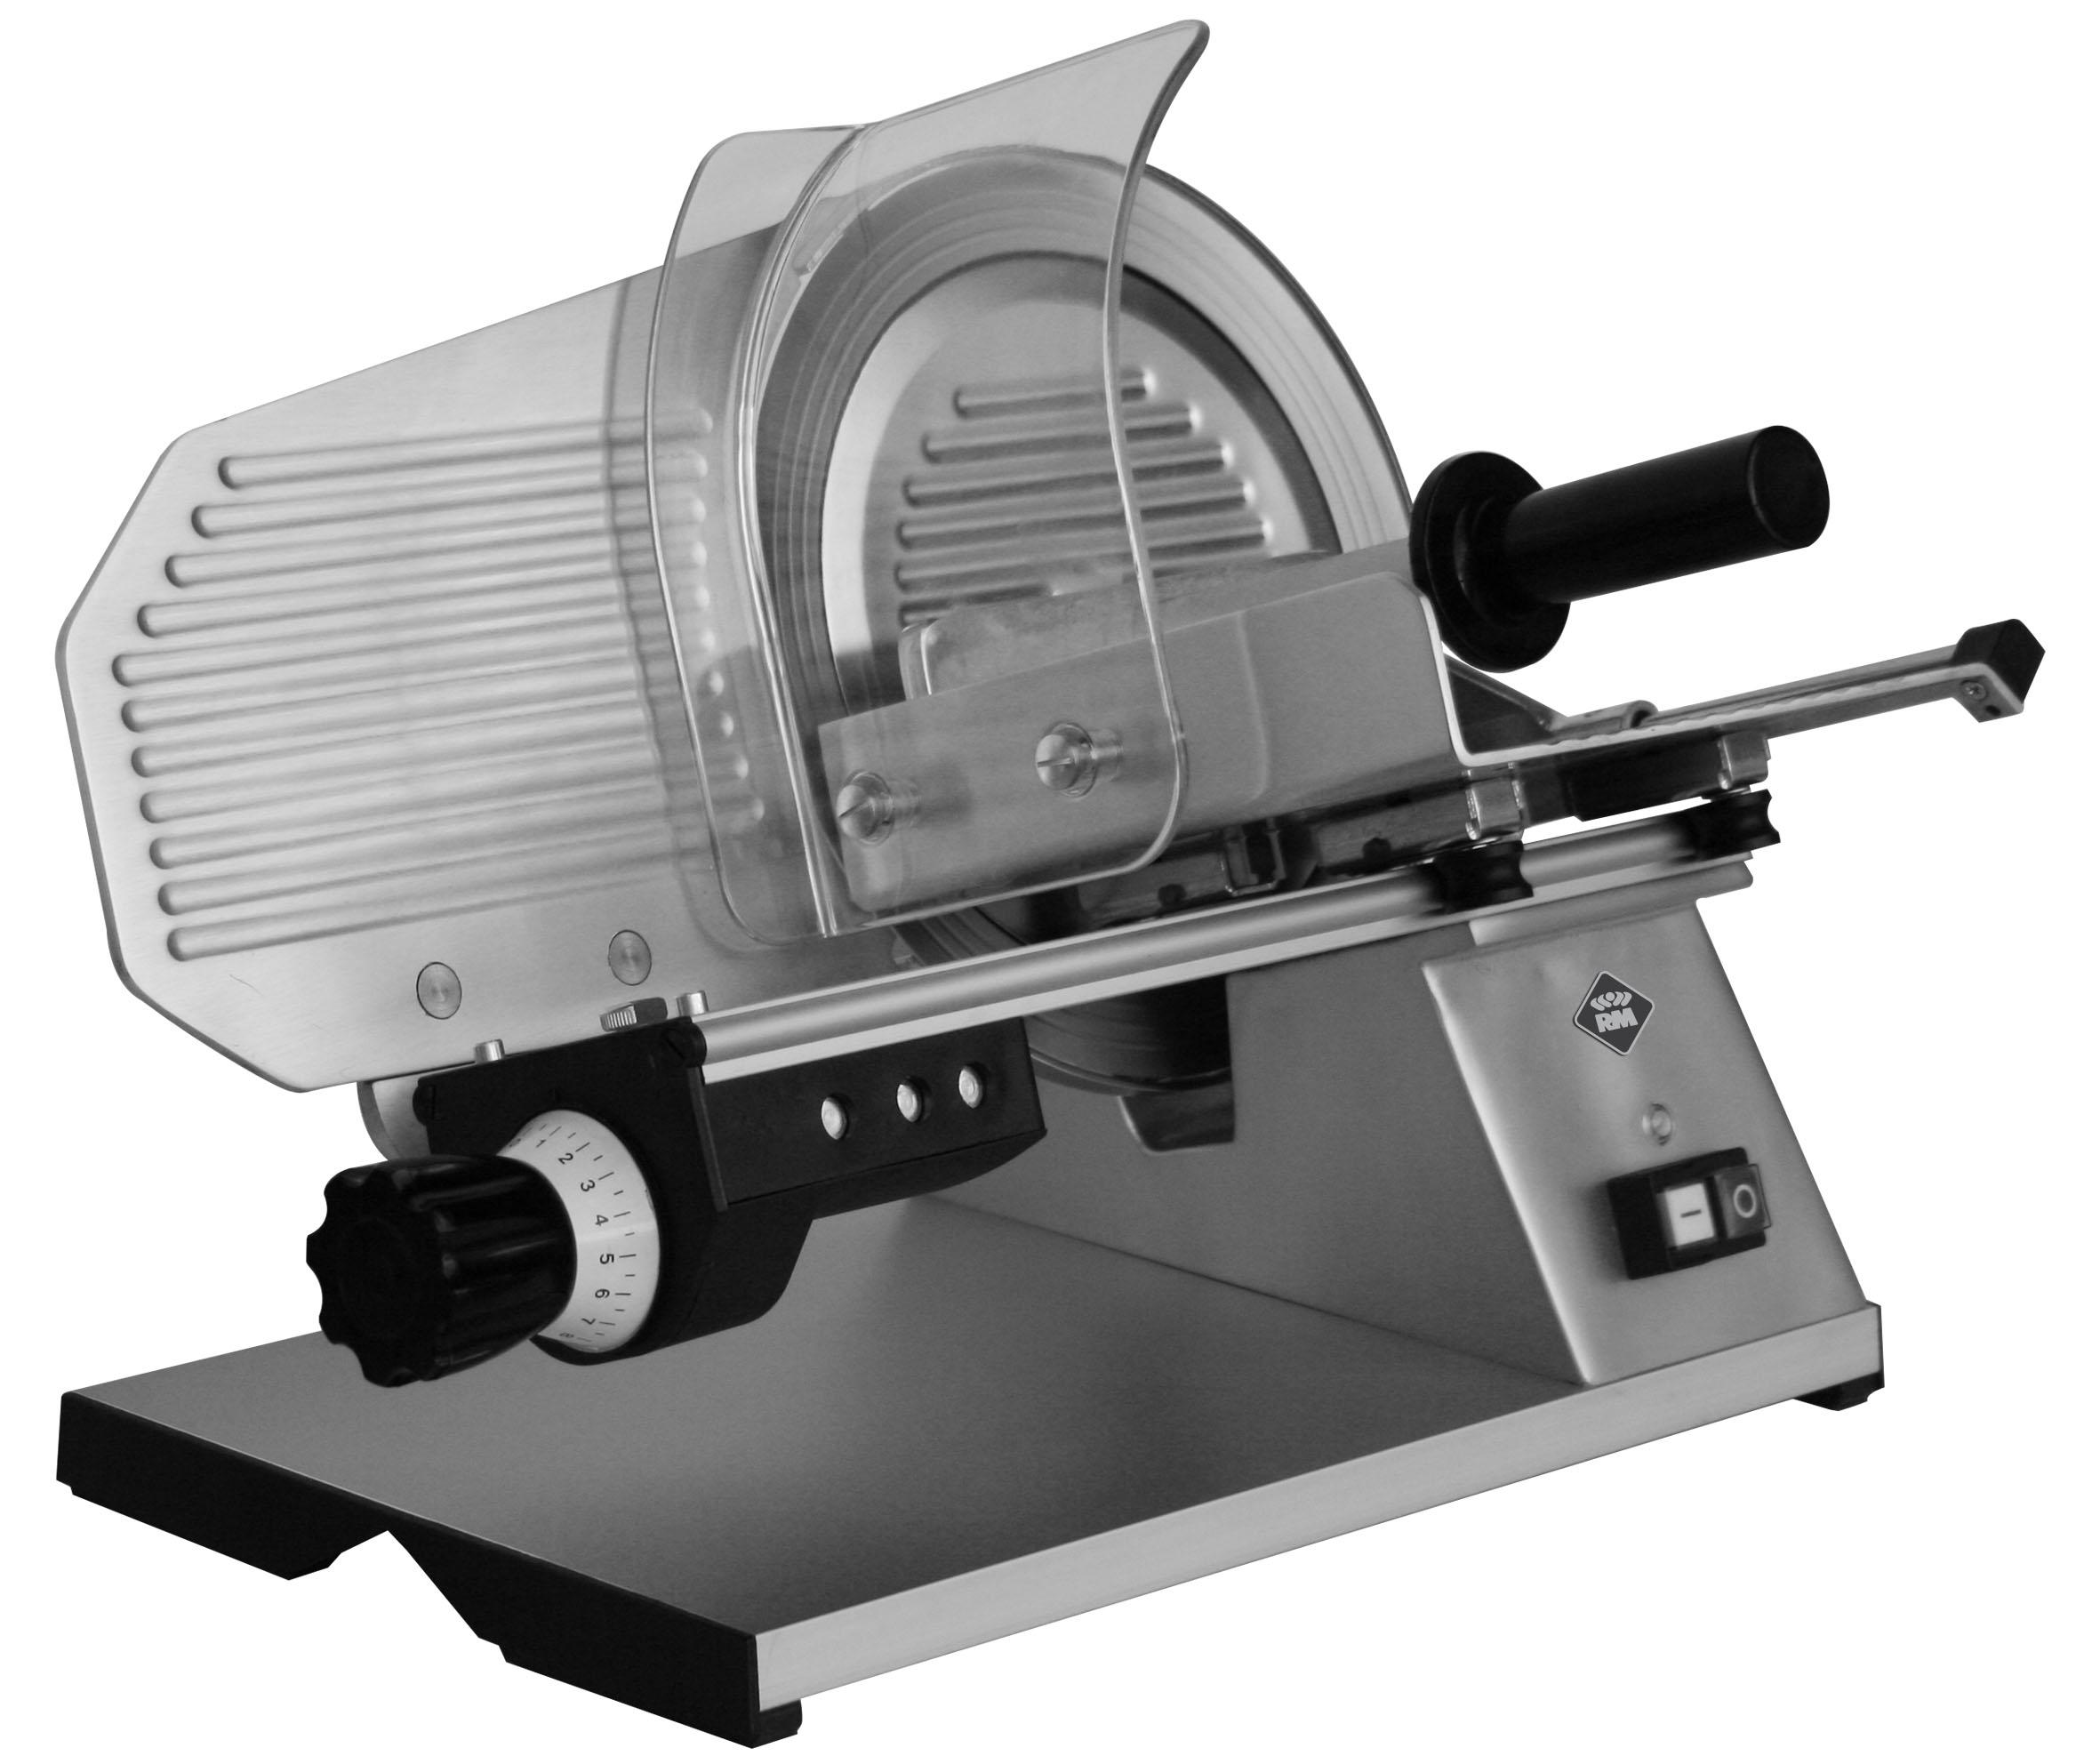 Stroj nářezový GMS 275 XL Z/šnek